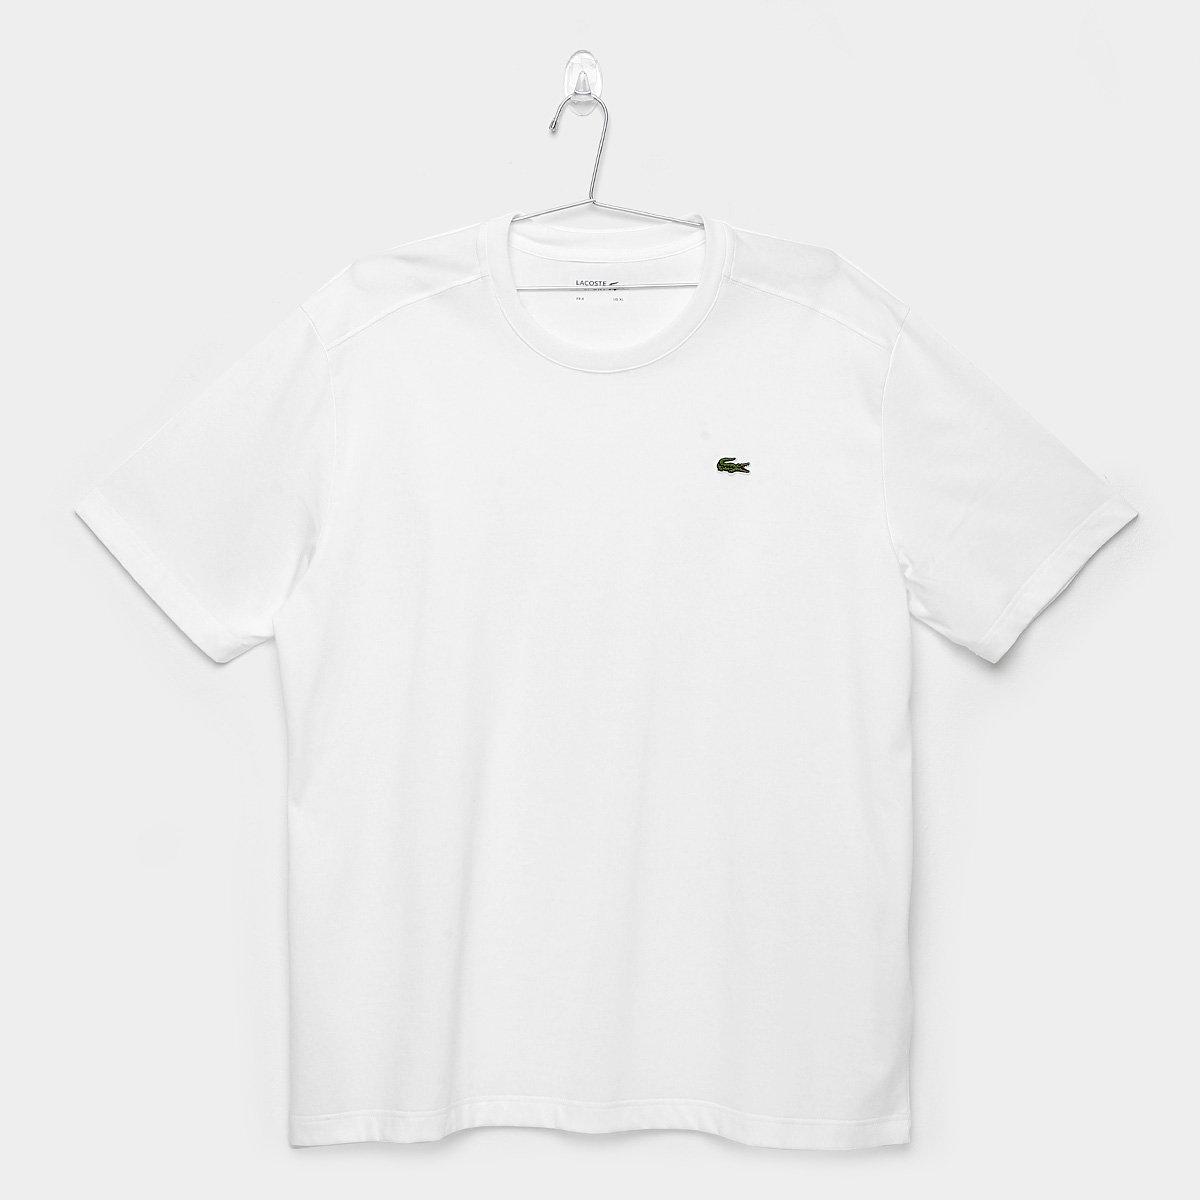 374c6af58f Camiseta Lacoste Gola Careca